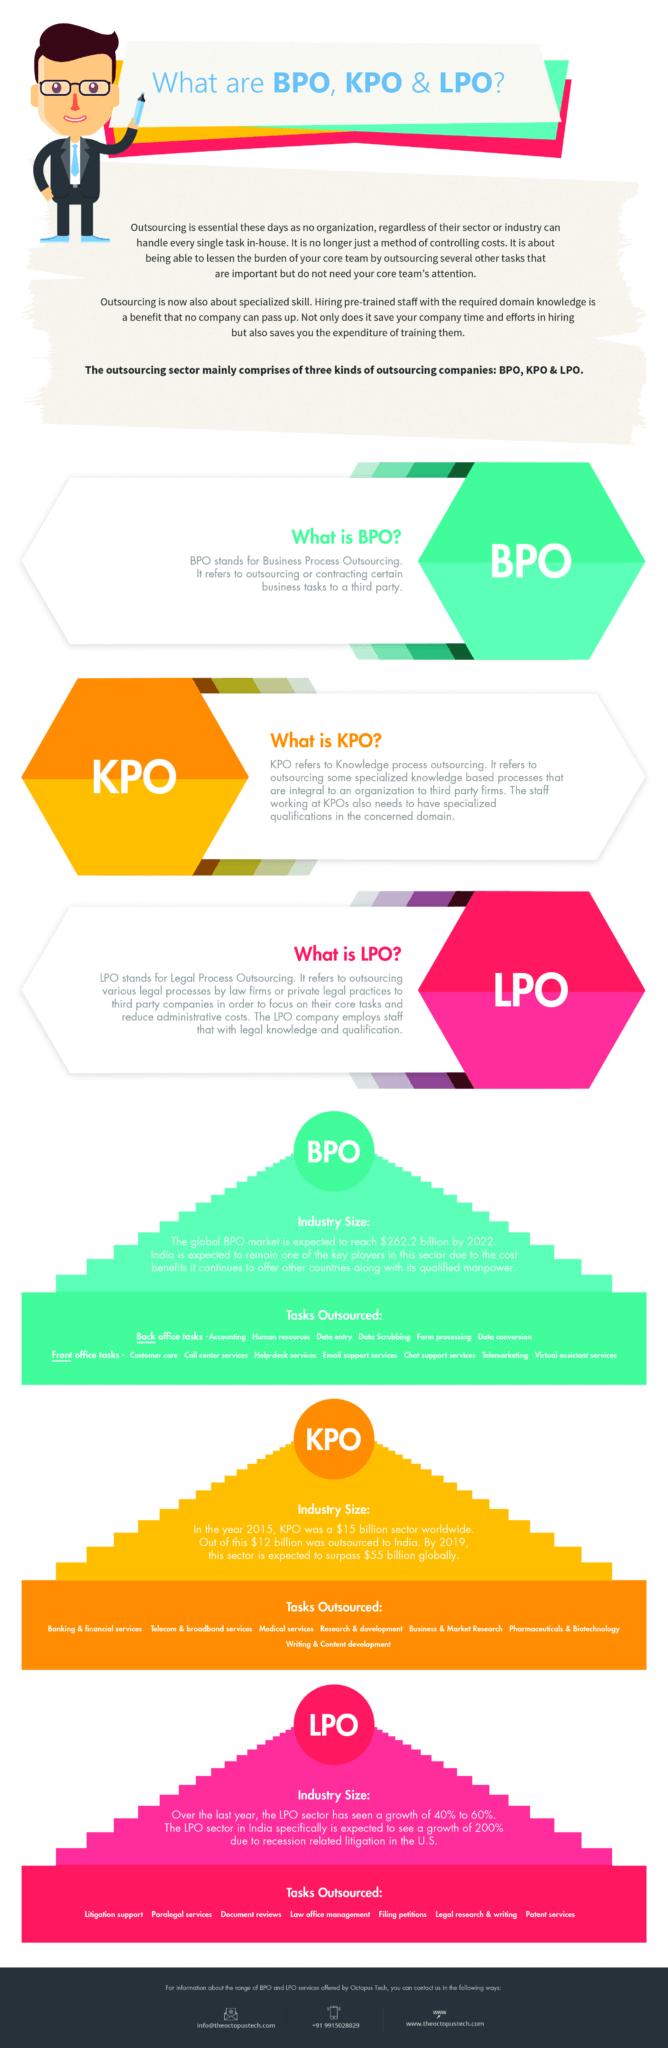 BPO-Infographic-3